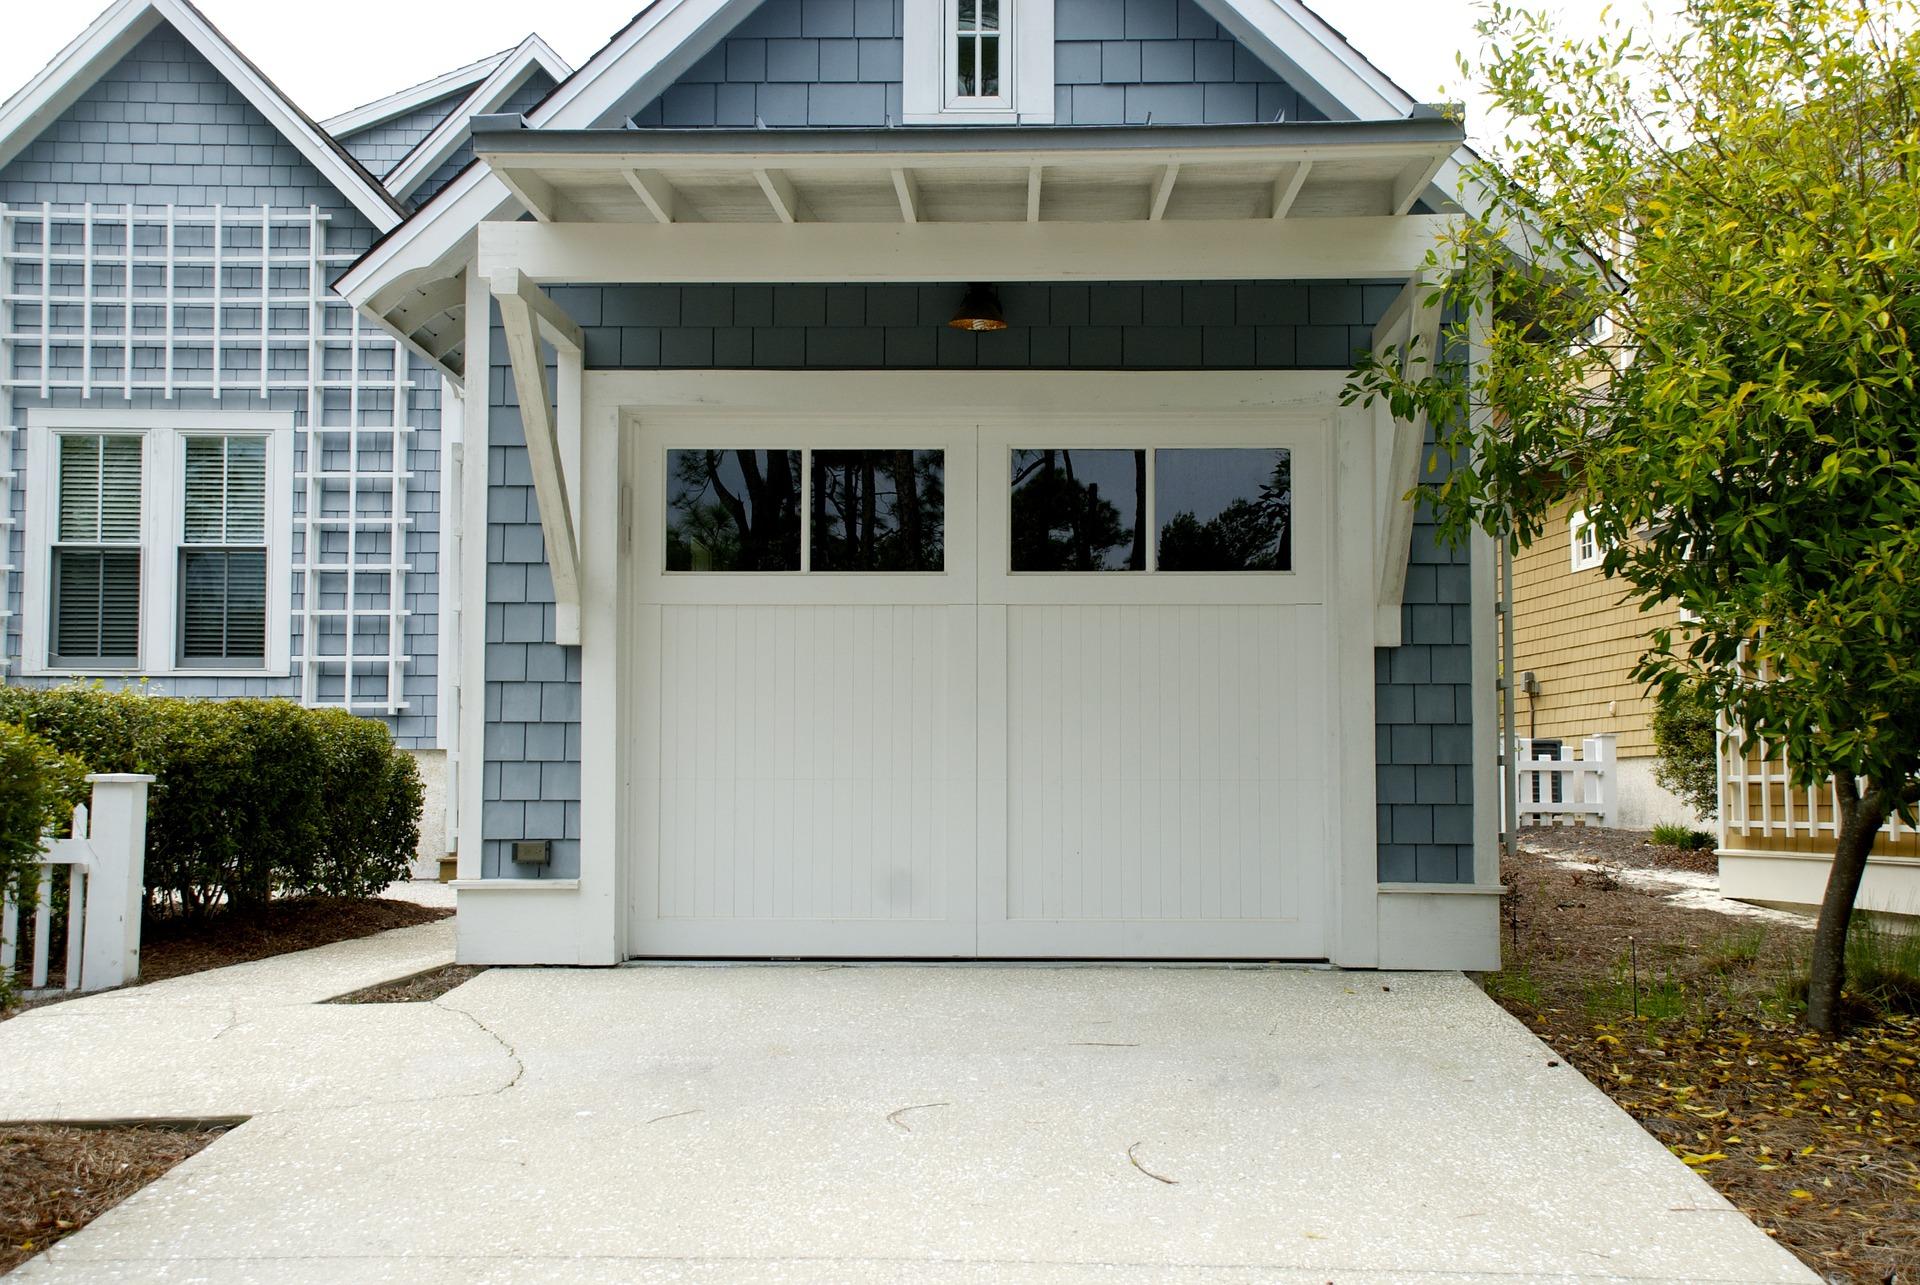 Garage Door Insulation in Thousand Oaks